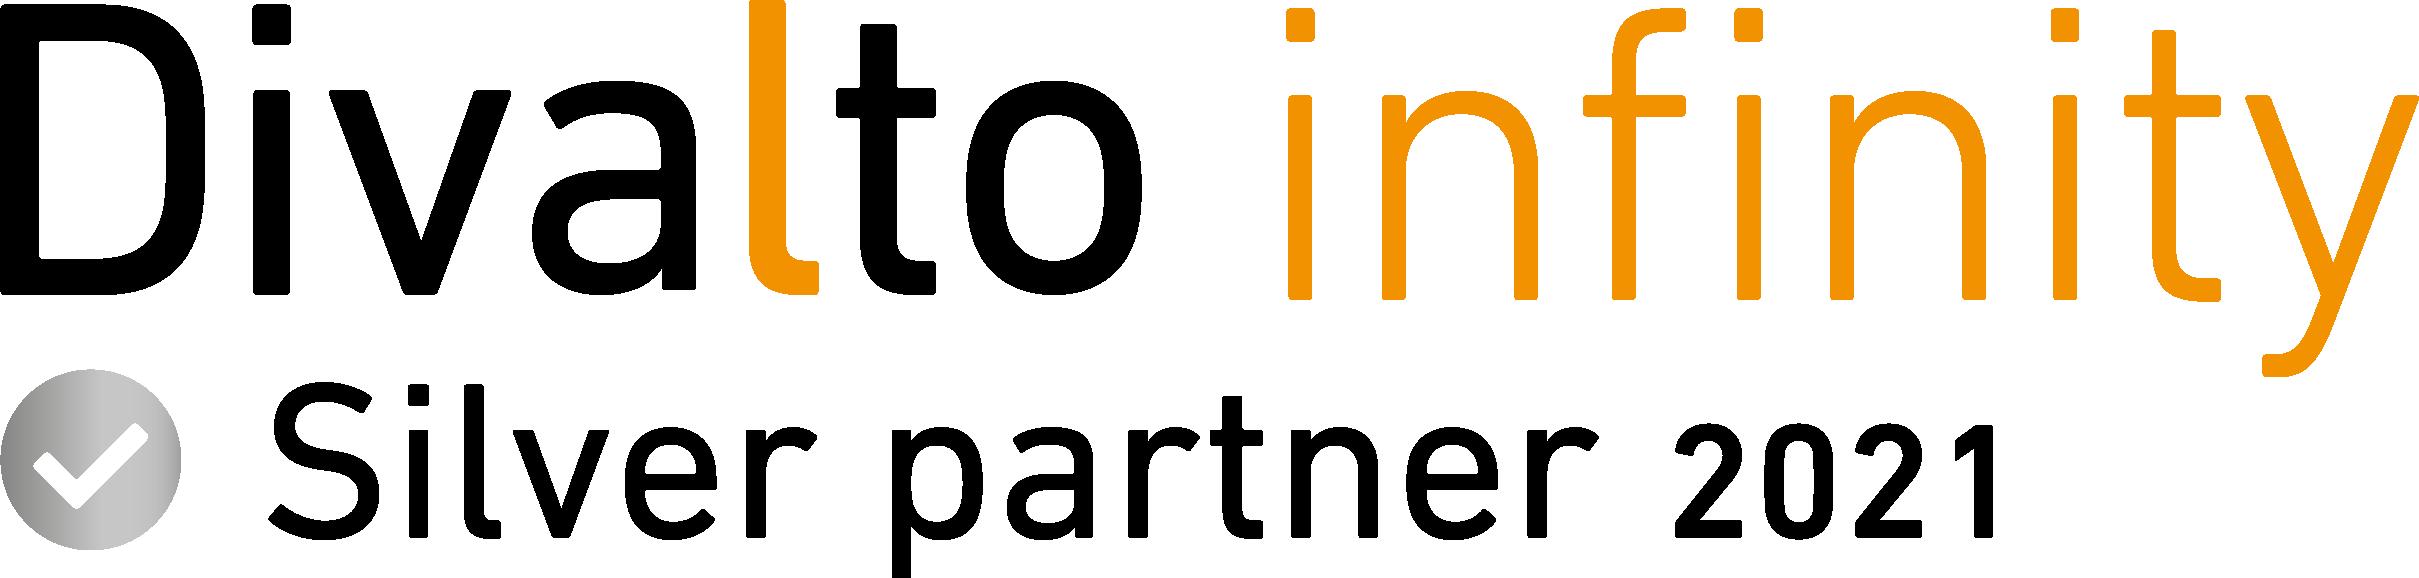 Divalto-infinity-Silver-Partner-2021